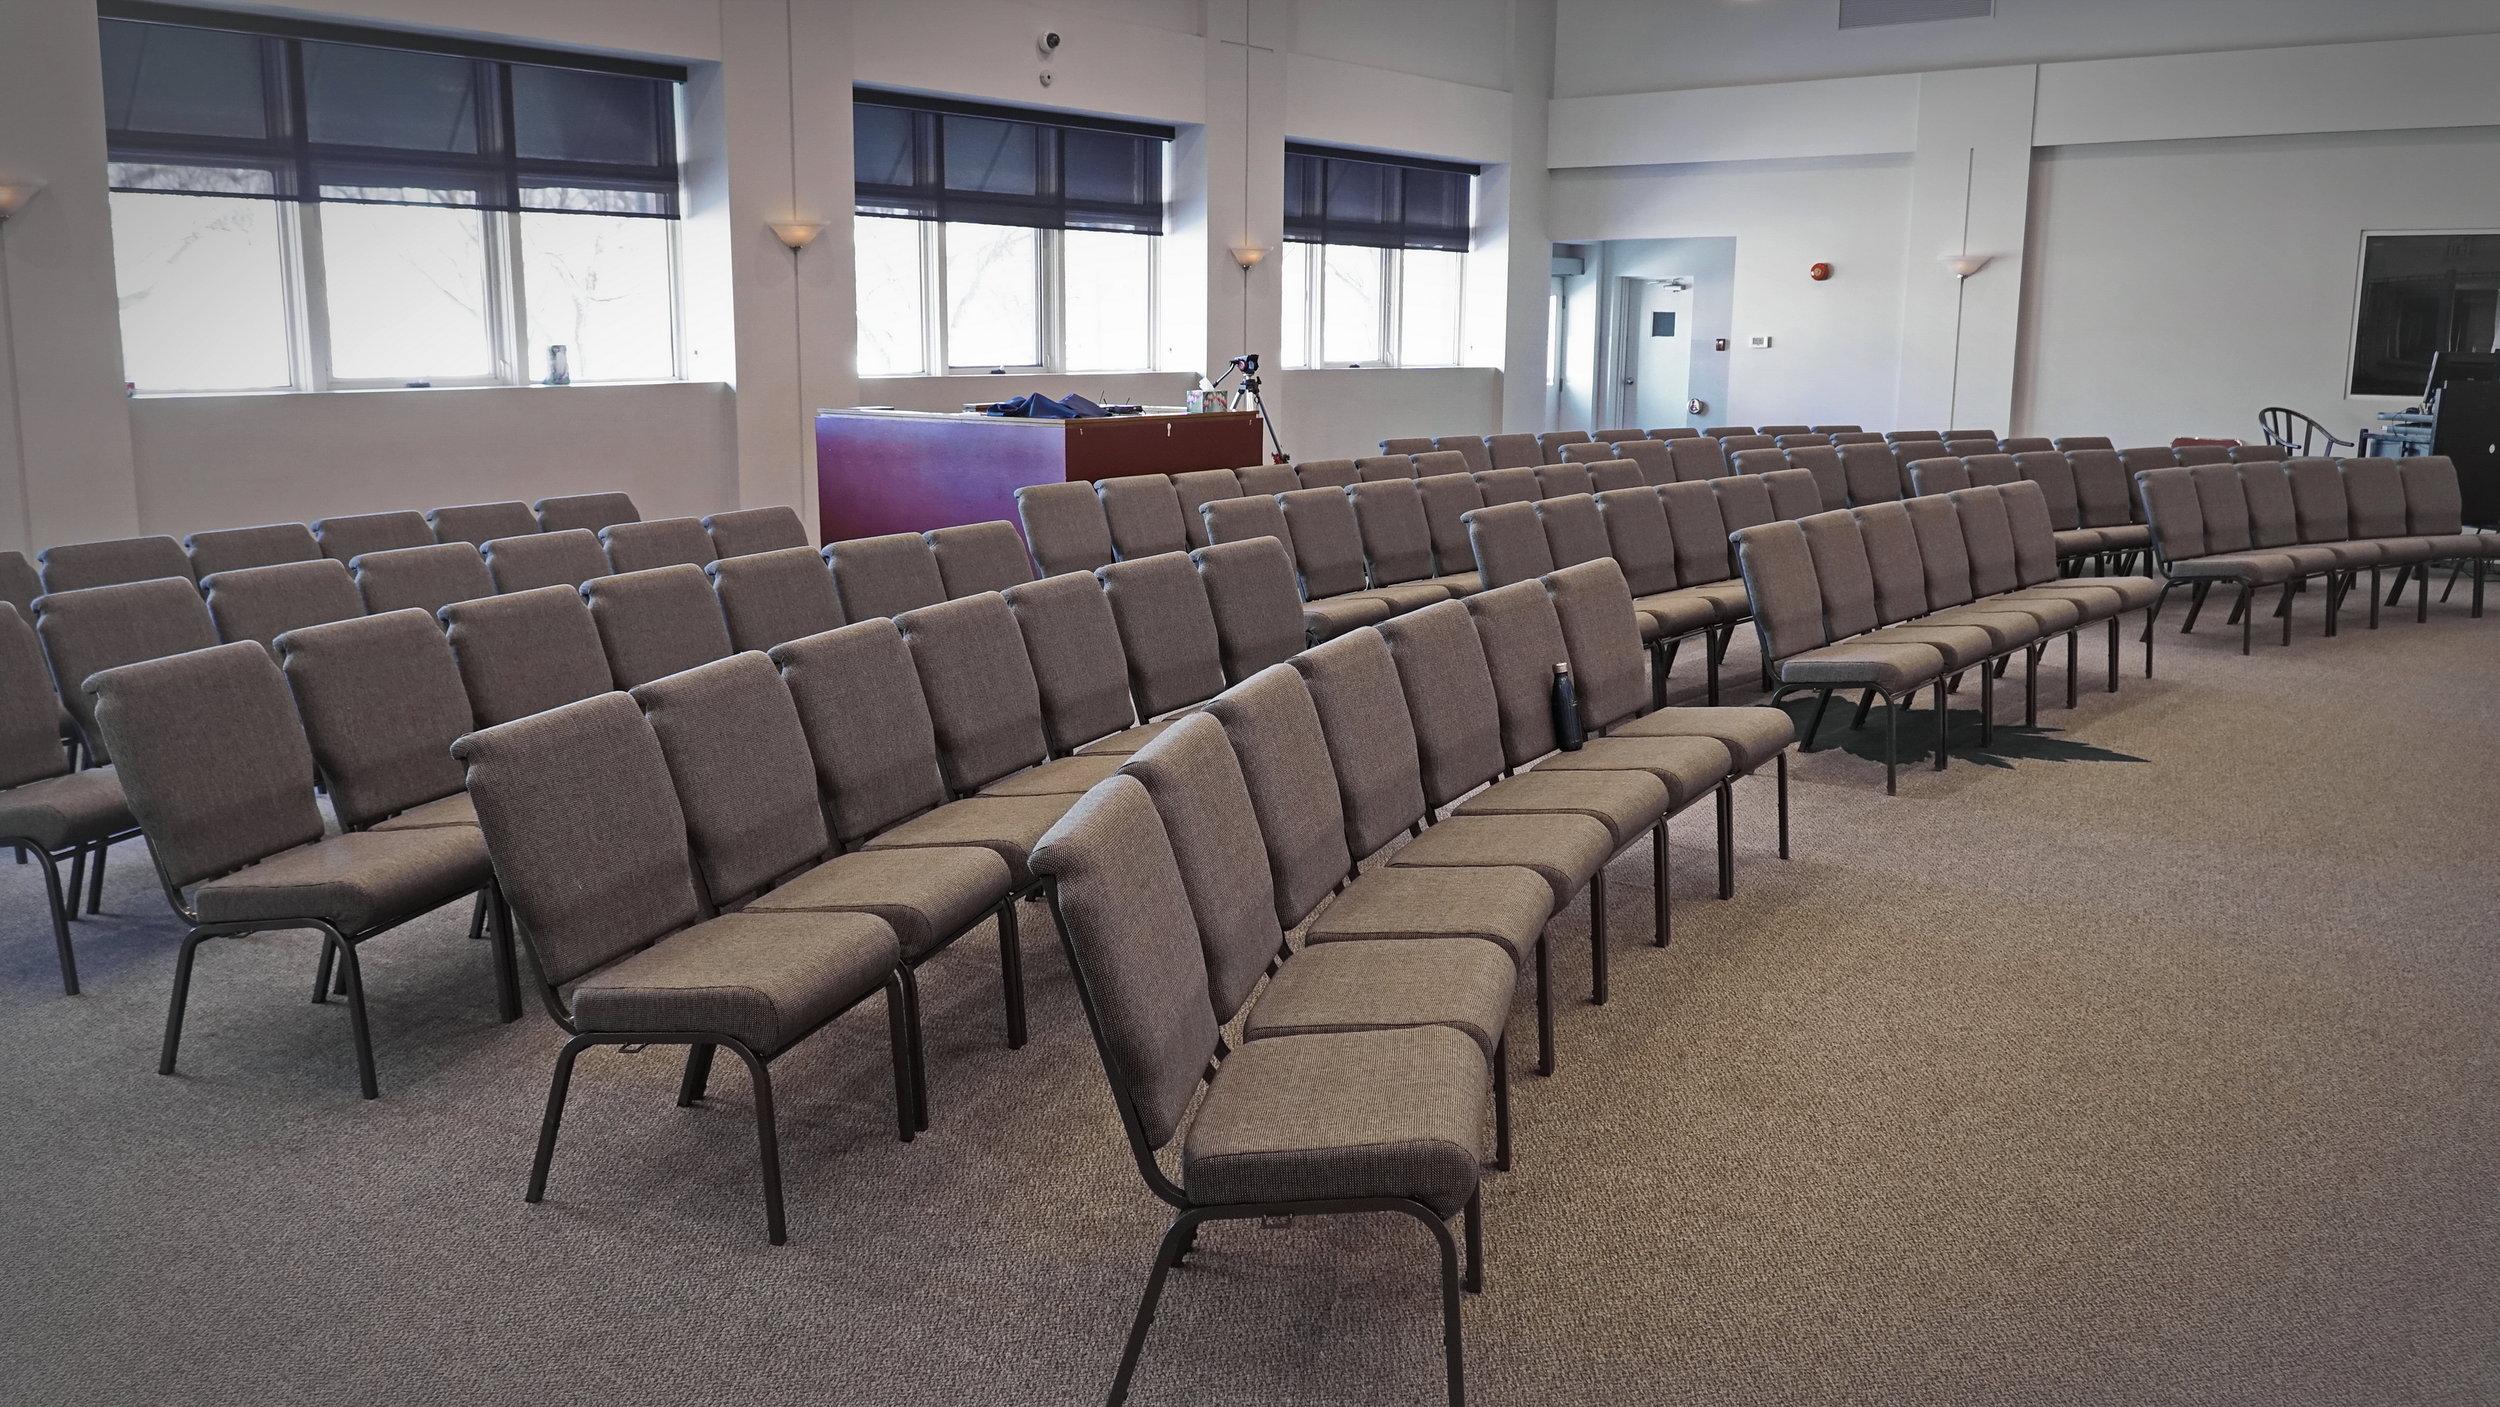 Whiteshell chairs at PCC 01.jpg